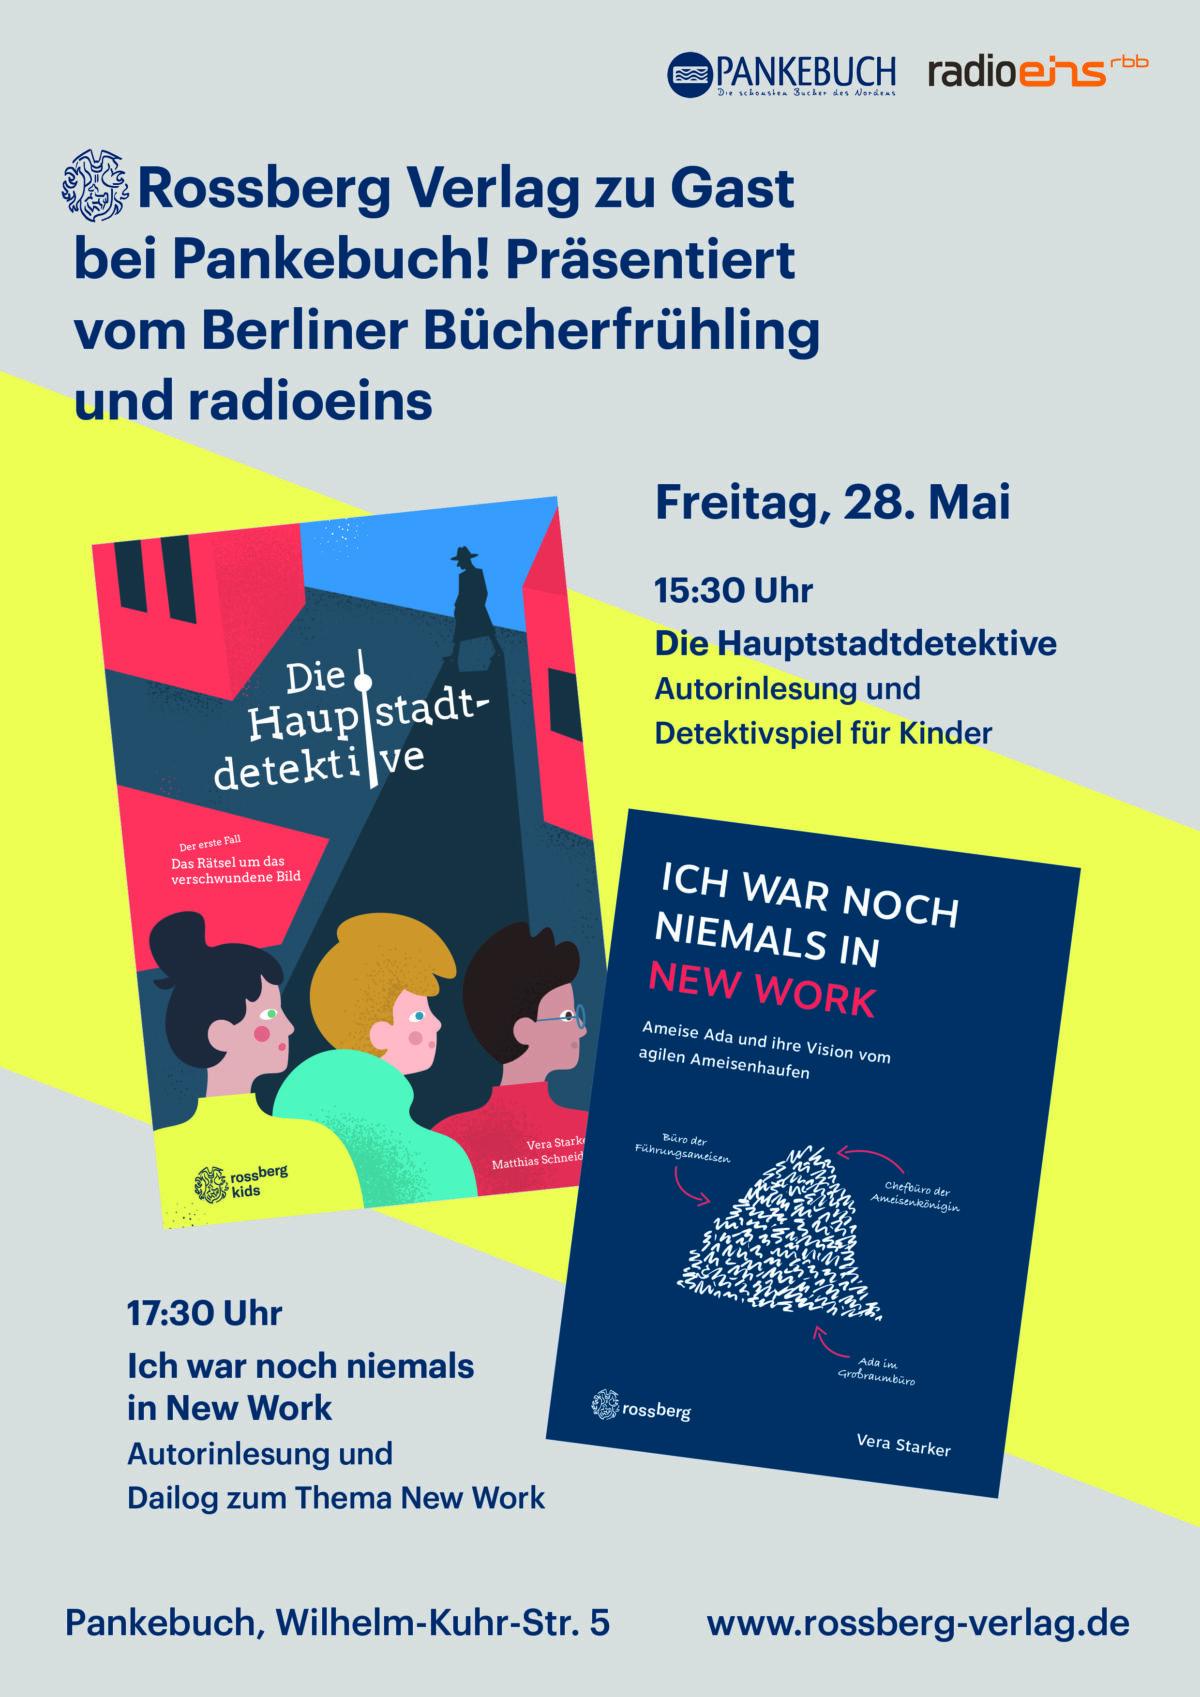 Rossberg in der RBV Verlag GmbH zu Gast bei Pankebuch Berliner Bücherfrühling